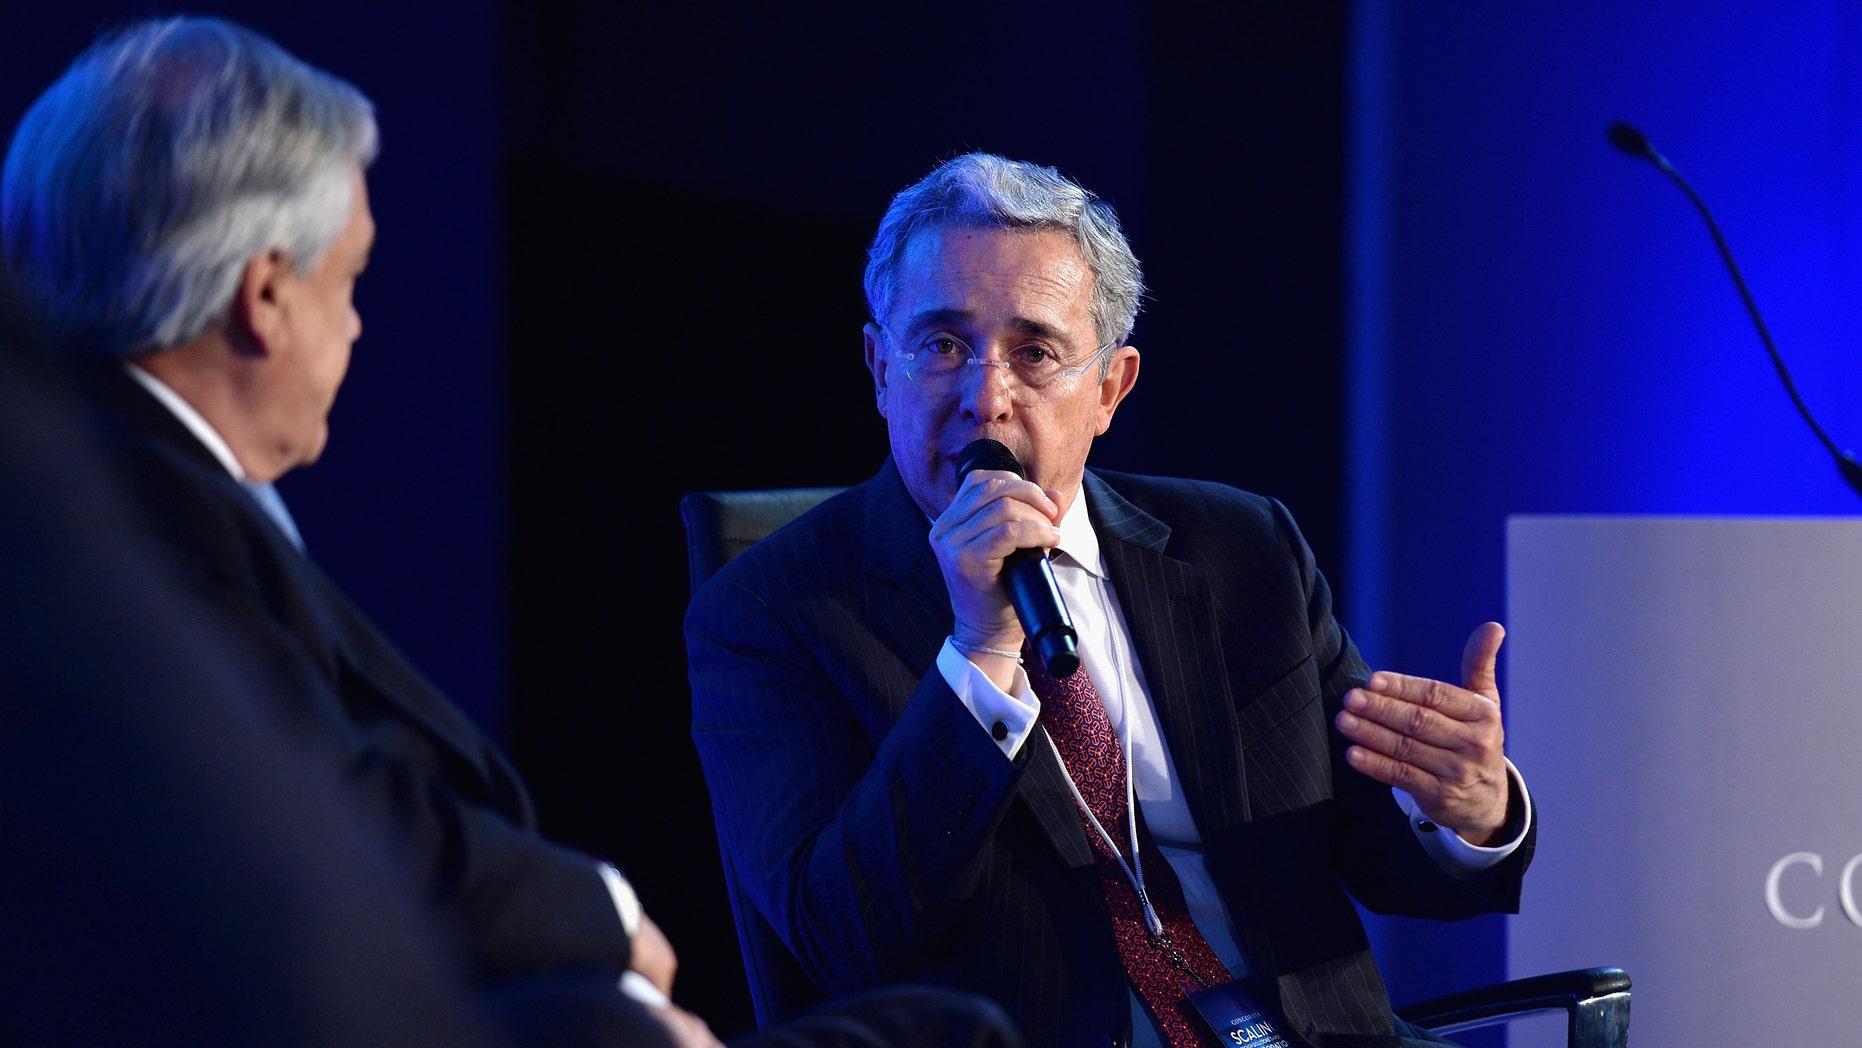 Former President of Colombia, Alvaro Uribe Velez.